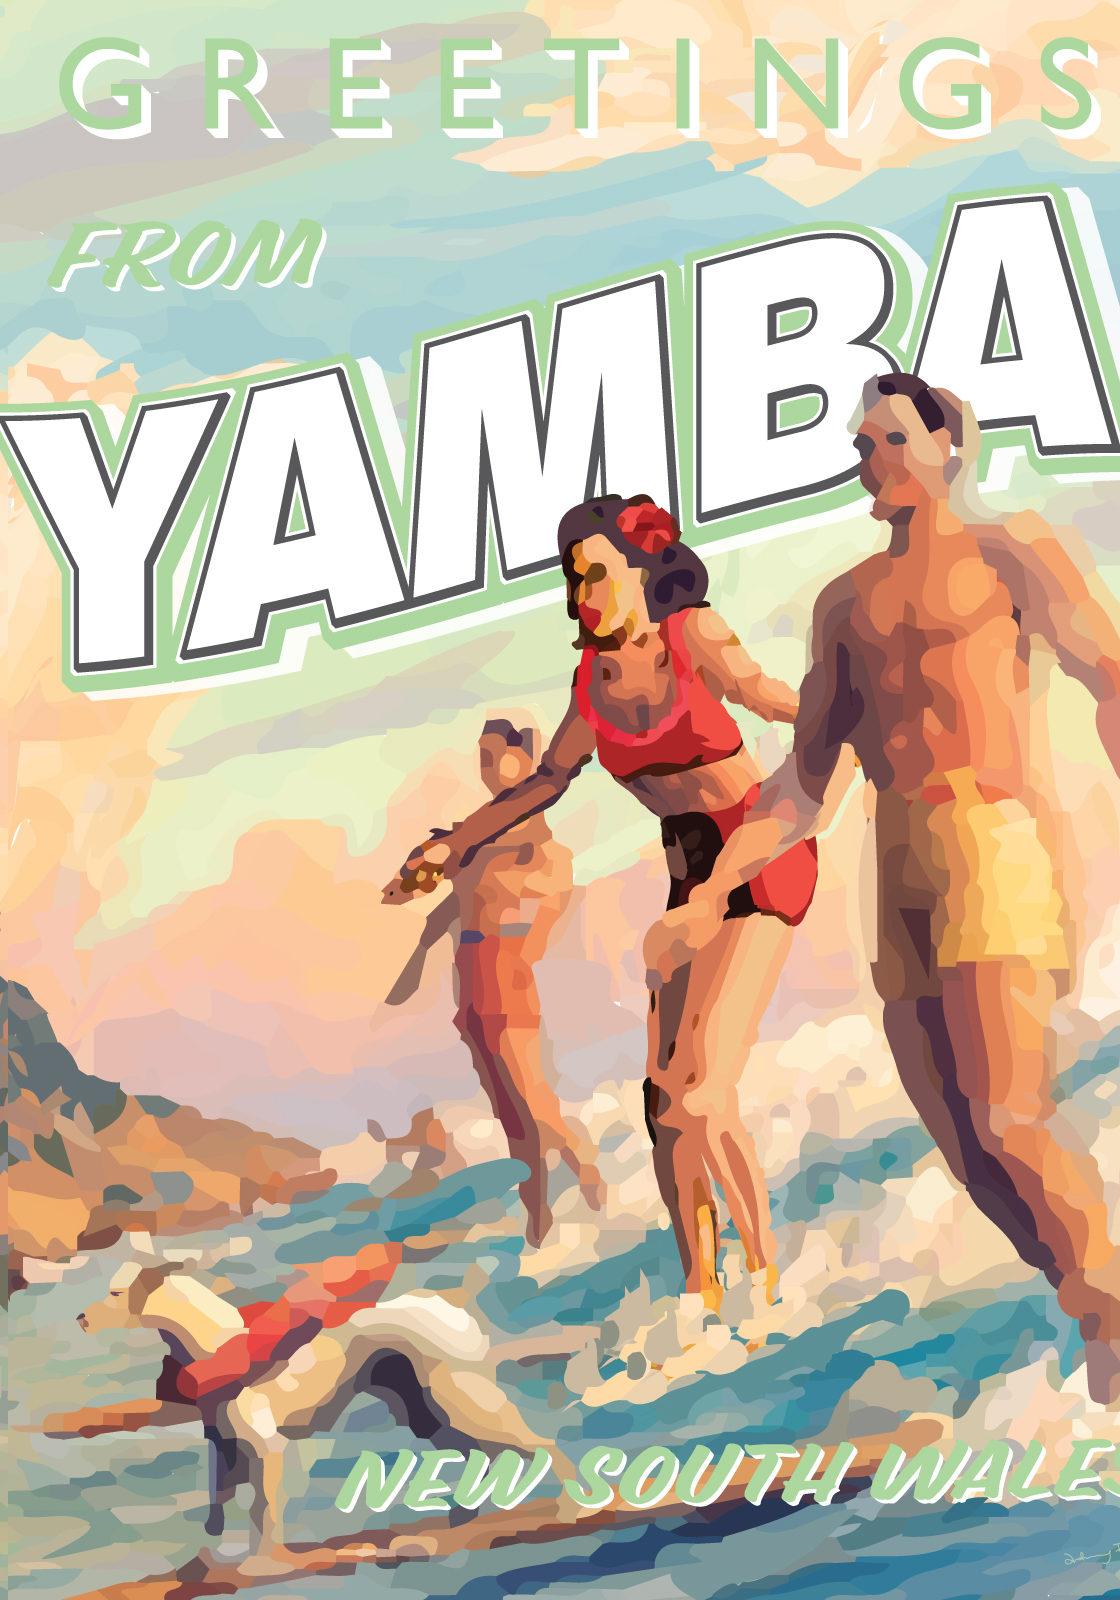 greetings-from-Yamba-1282x1600